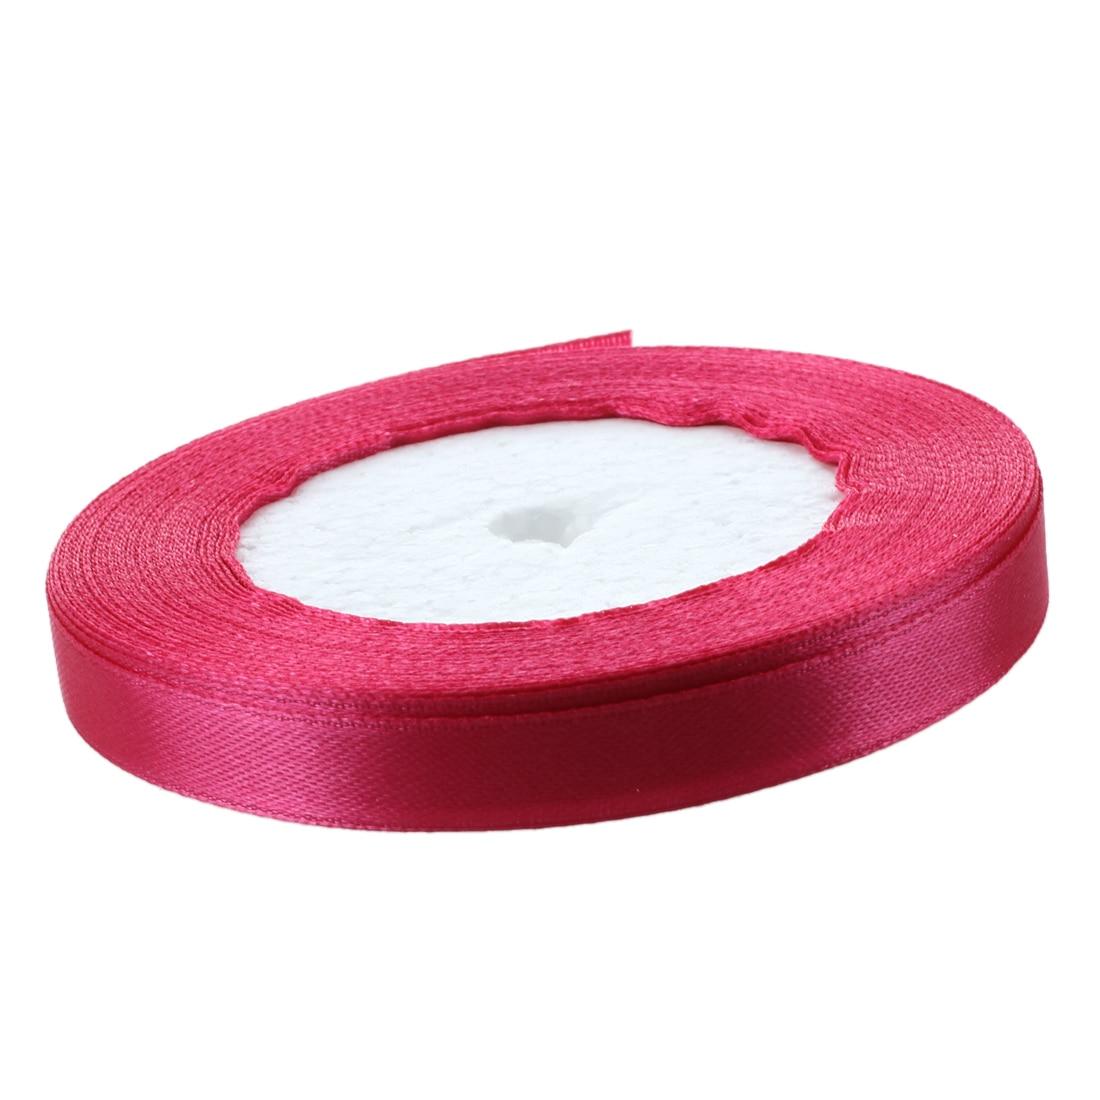 3/8 «10 мм 25 ярдов атласная лента, рулон Свадебная вечеринка Craft DIY украшения ярко-розовый